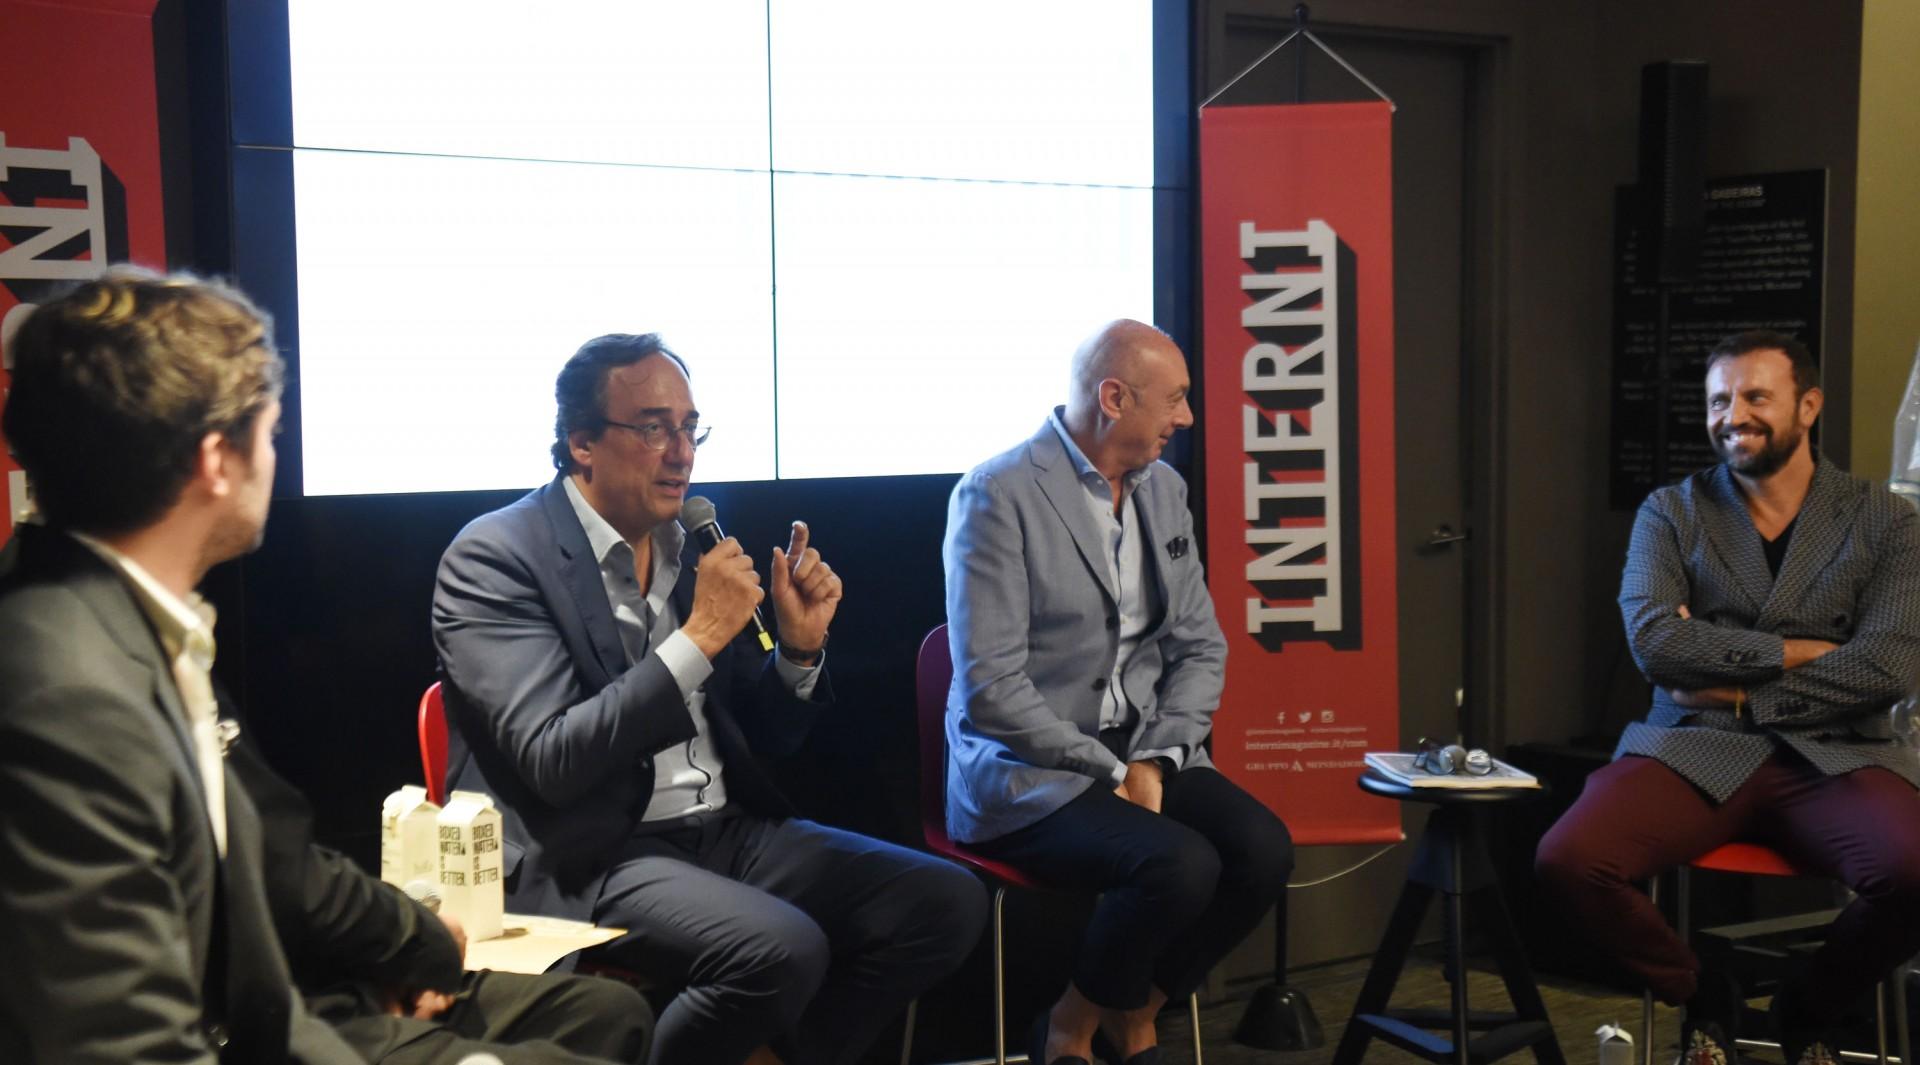 Istituto marangoni interni design talk miami design for Interni design